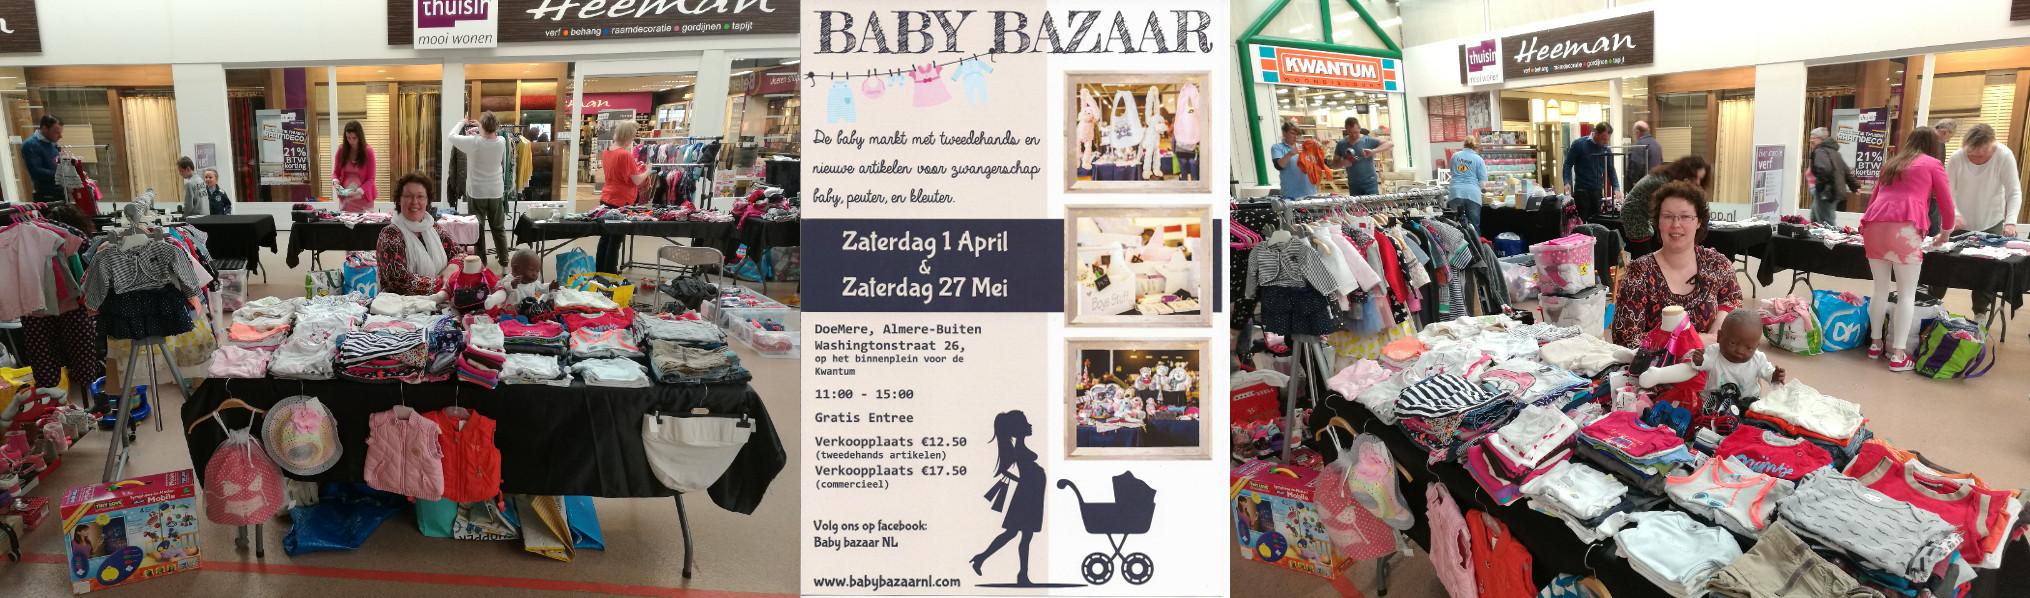 Baby Bazaar 1 april 2017